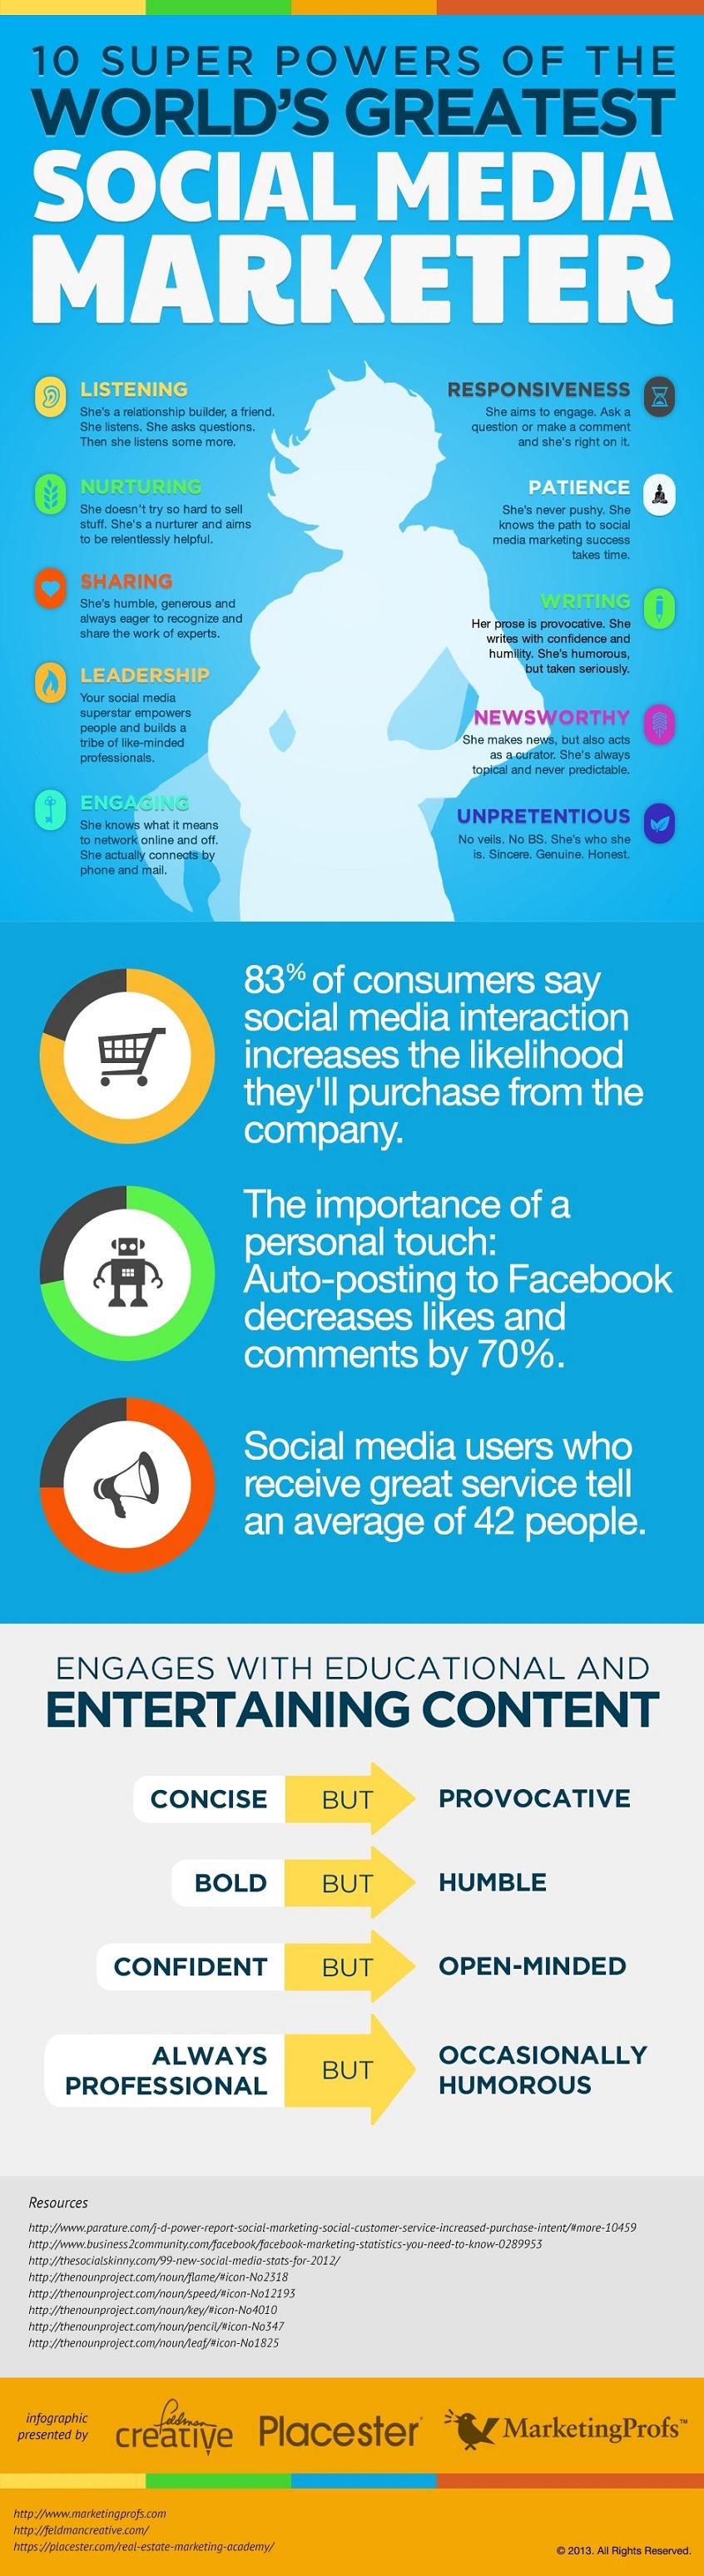 infografia_10_superpoderes_de_los_granes_de_social_media_marketing